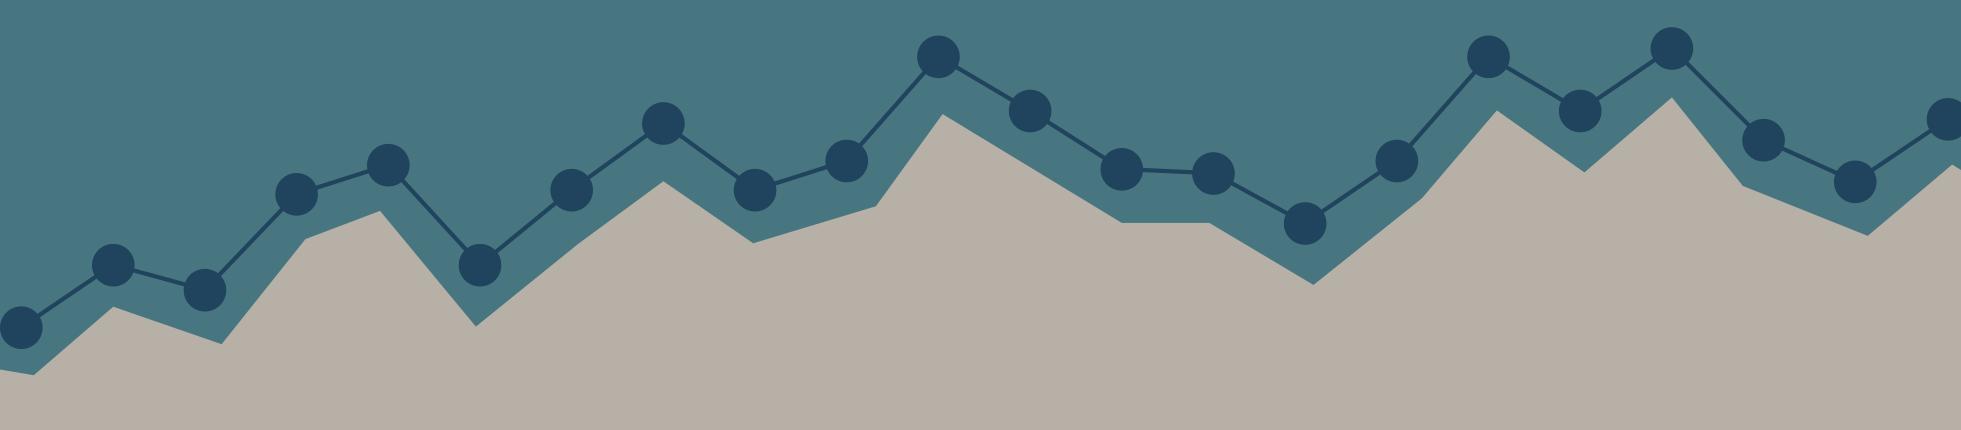 Konverteringsoptimering: 3 enkla förutsättningar för A/B test